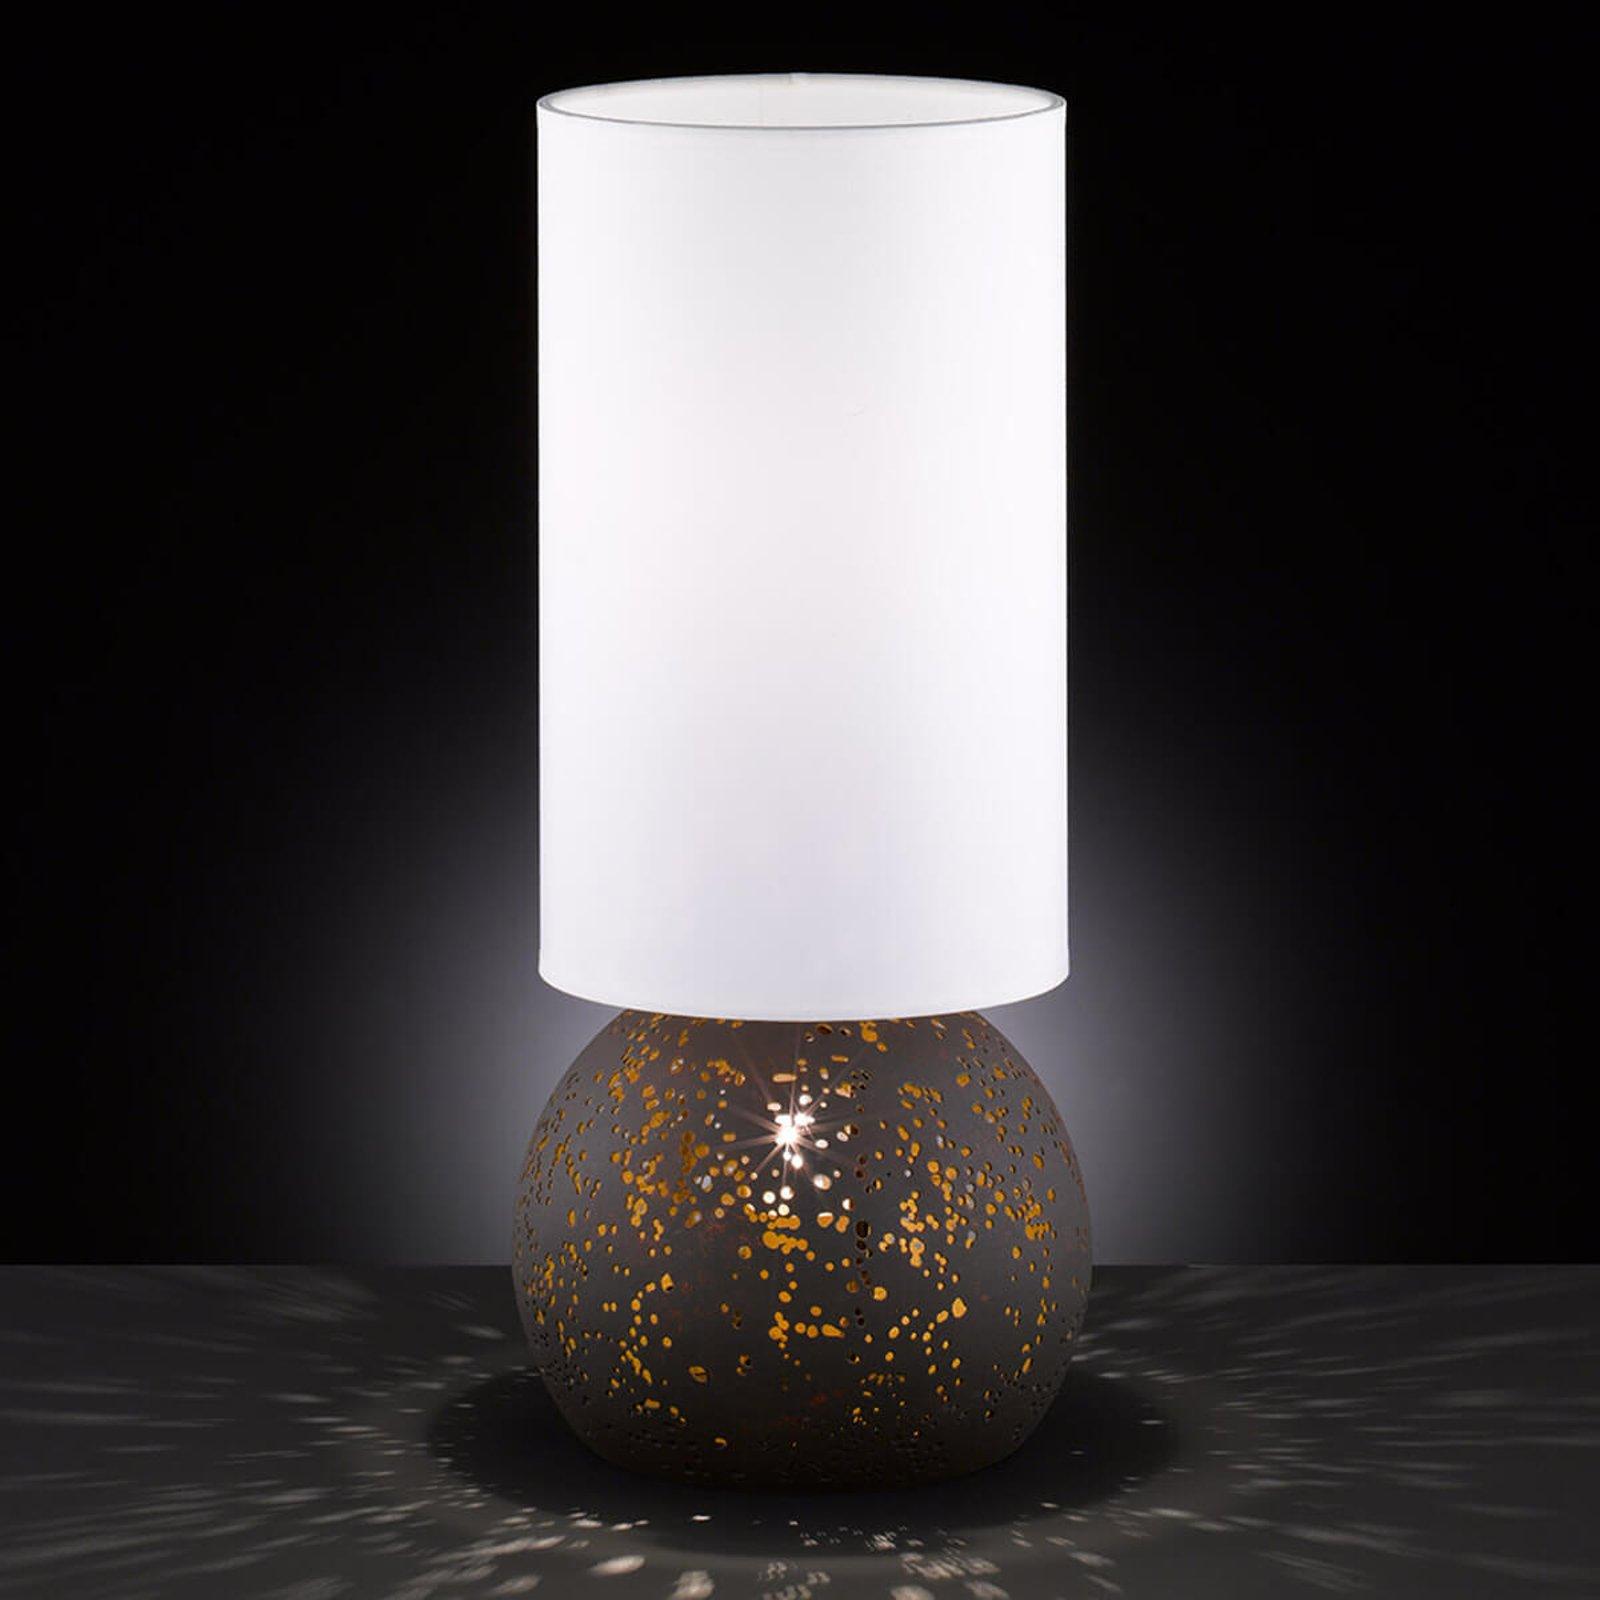 Bordlampe Avila med perforert fot